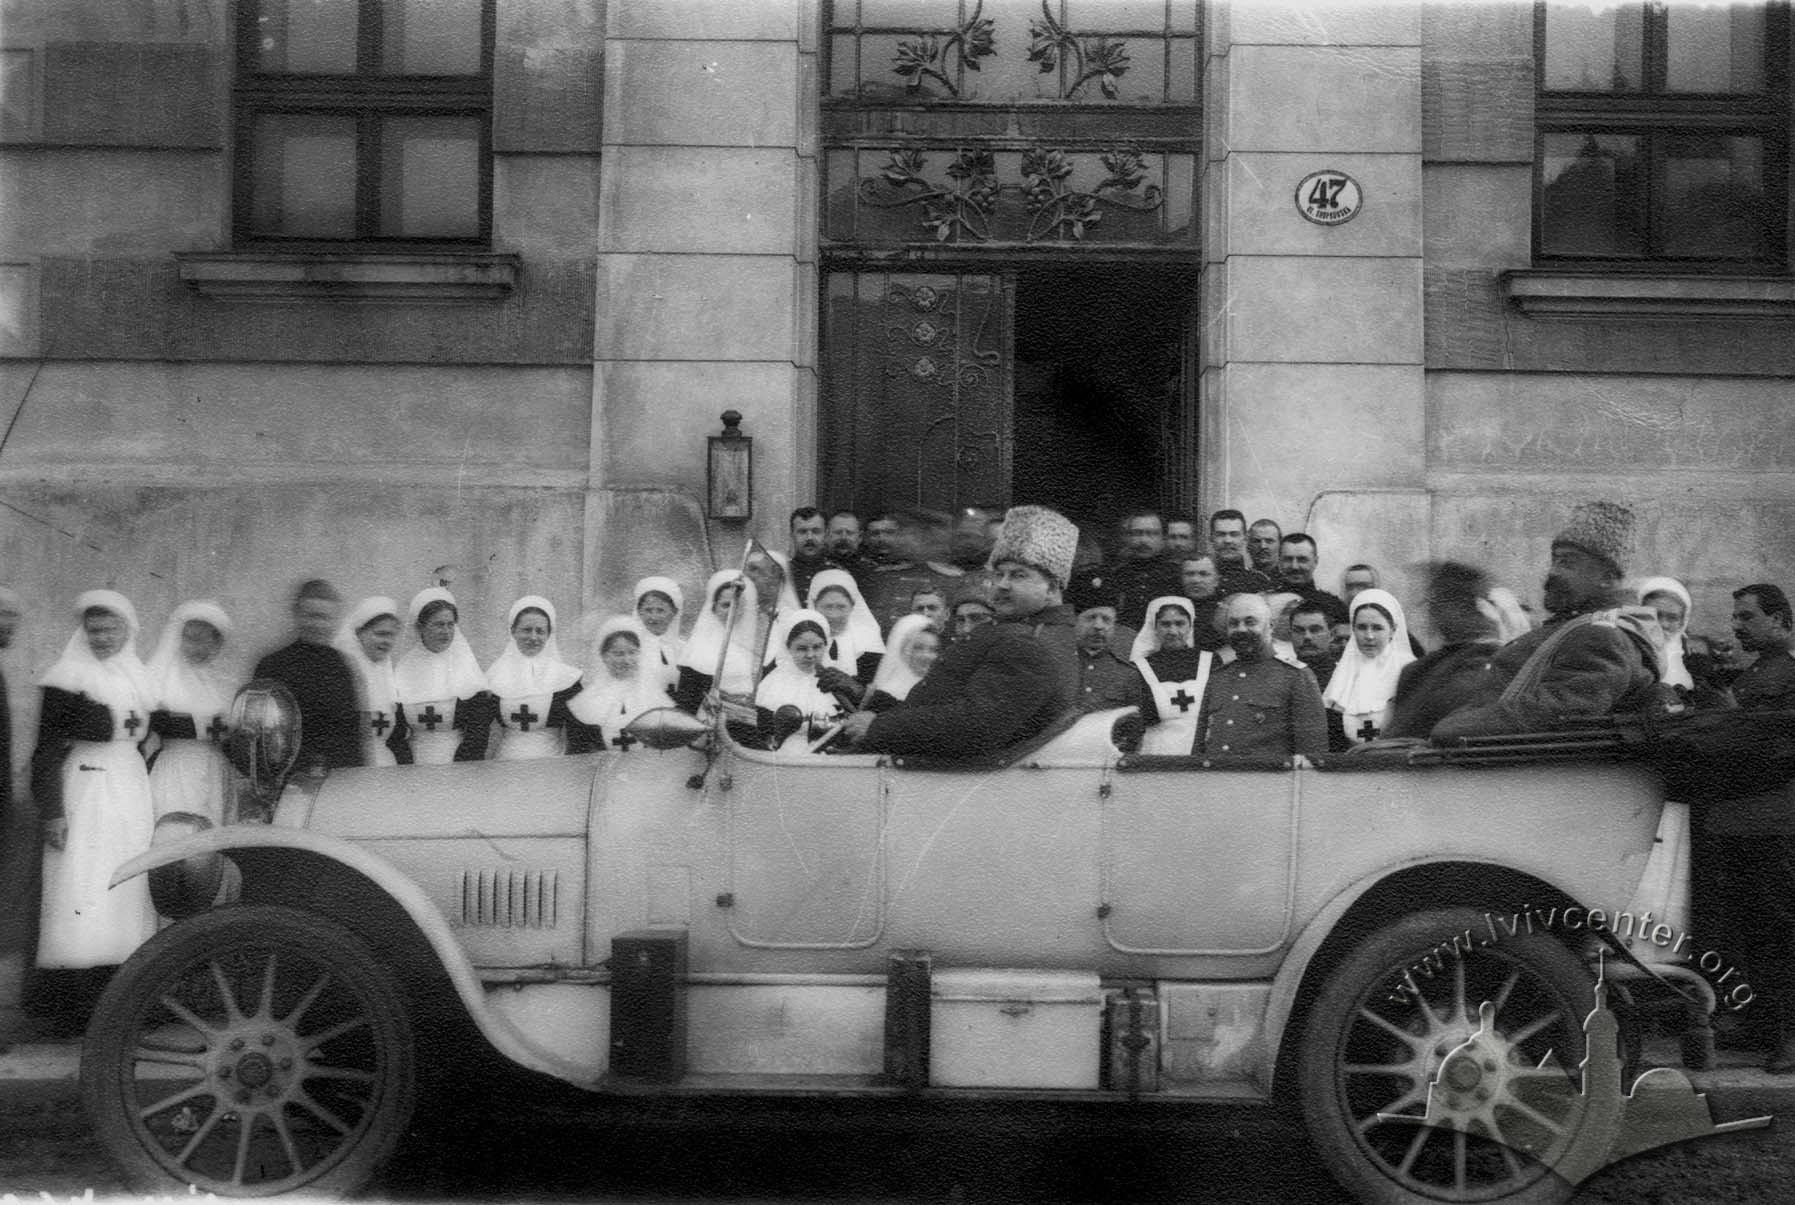 Працівники павільйону Червоного Хреста, 1917 р.